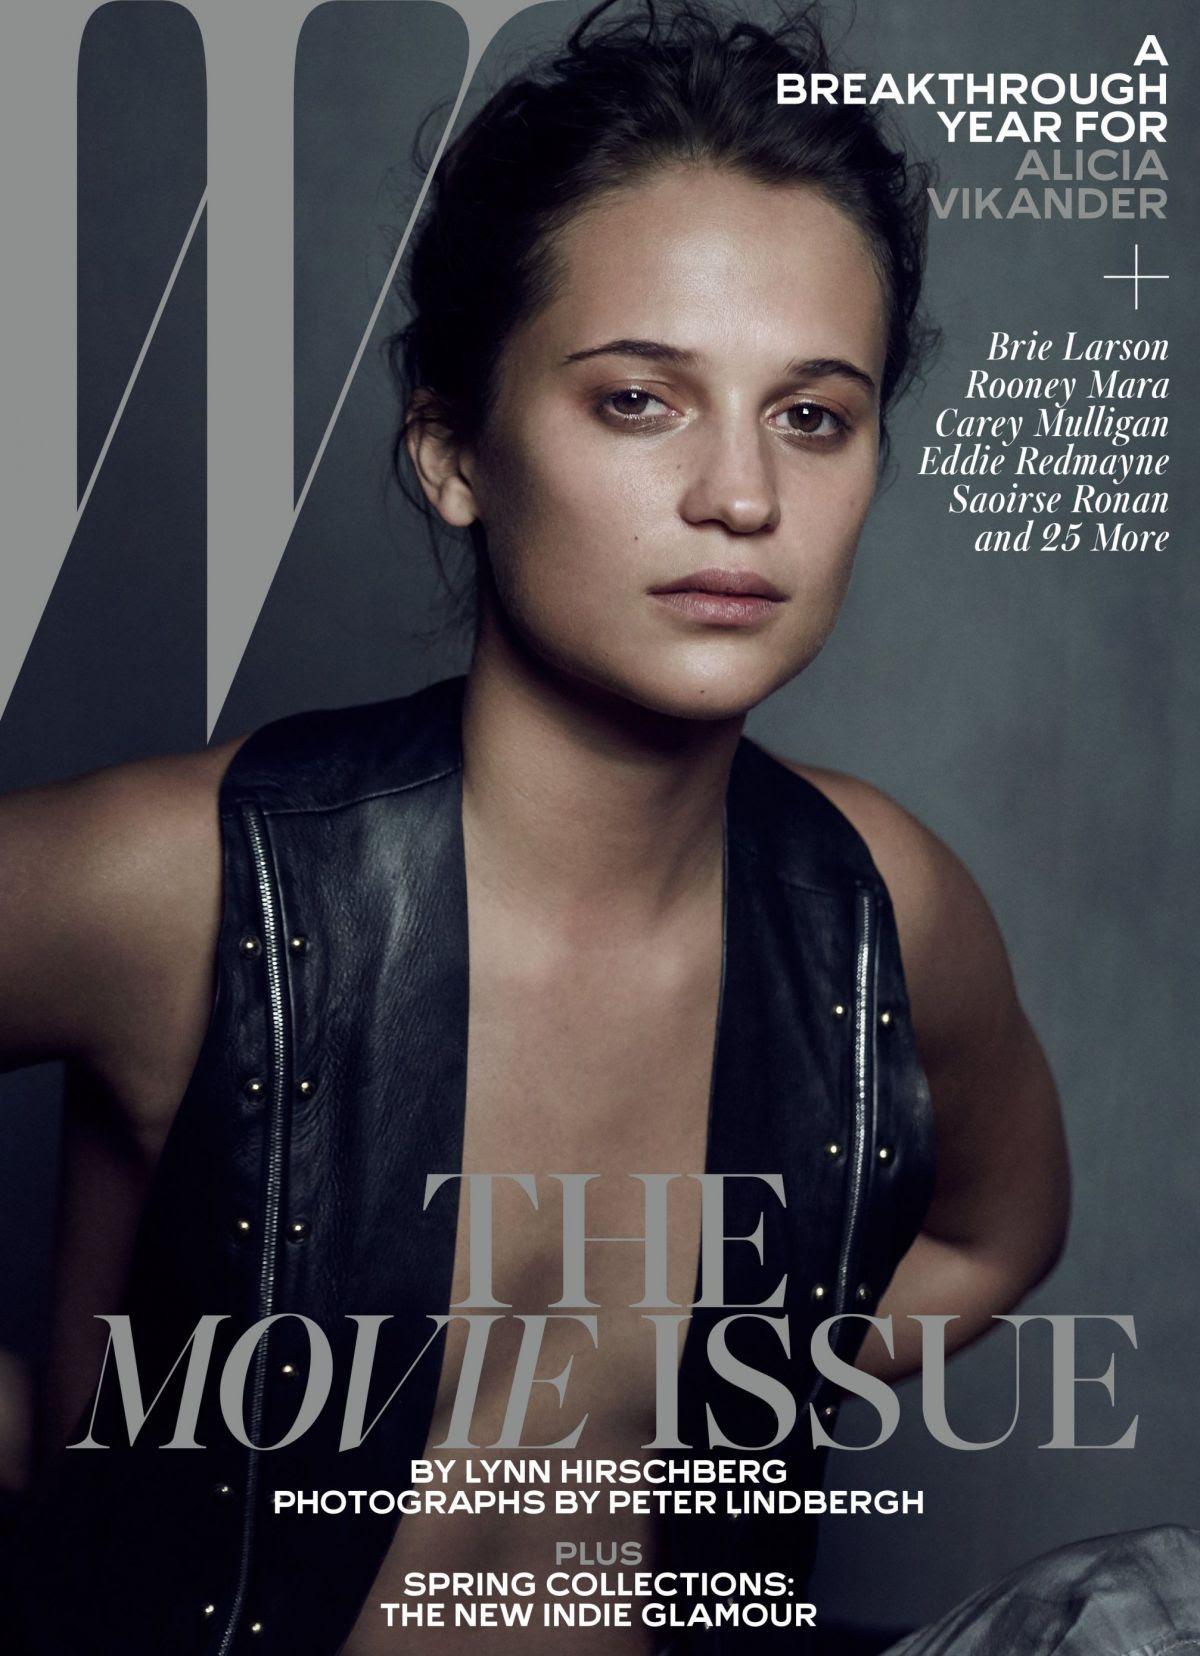 ALICIA VIKANDER in W Magazine, February 2016 Issue